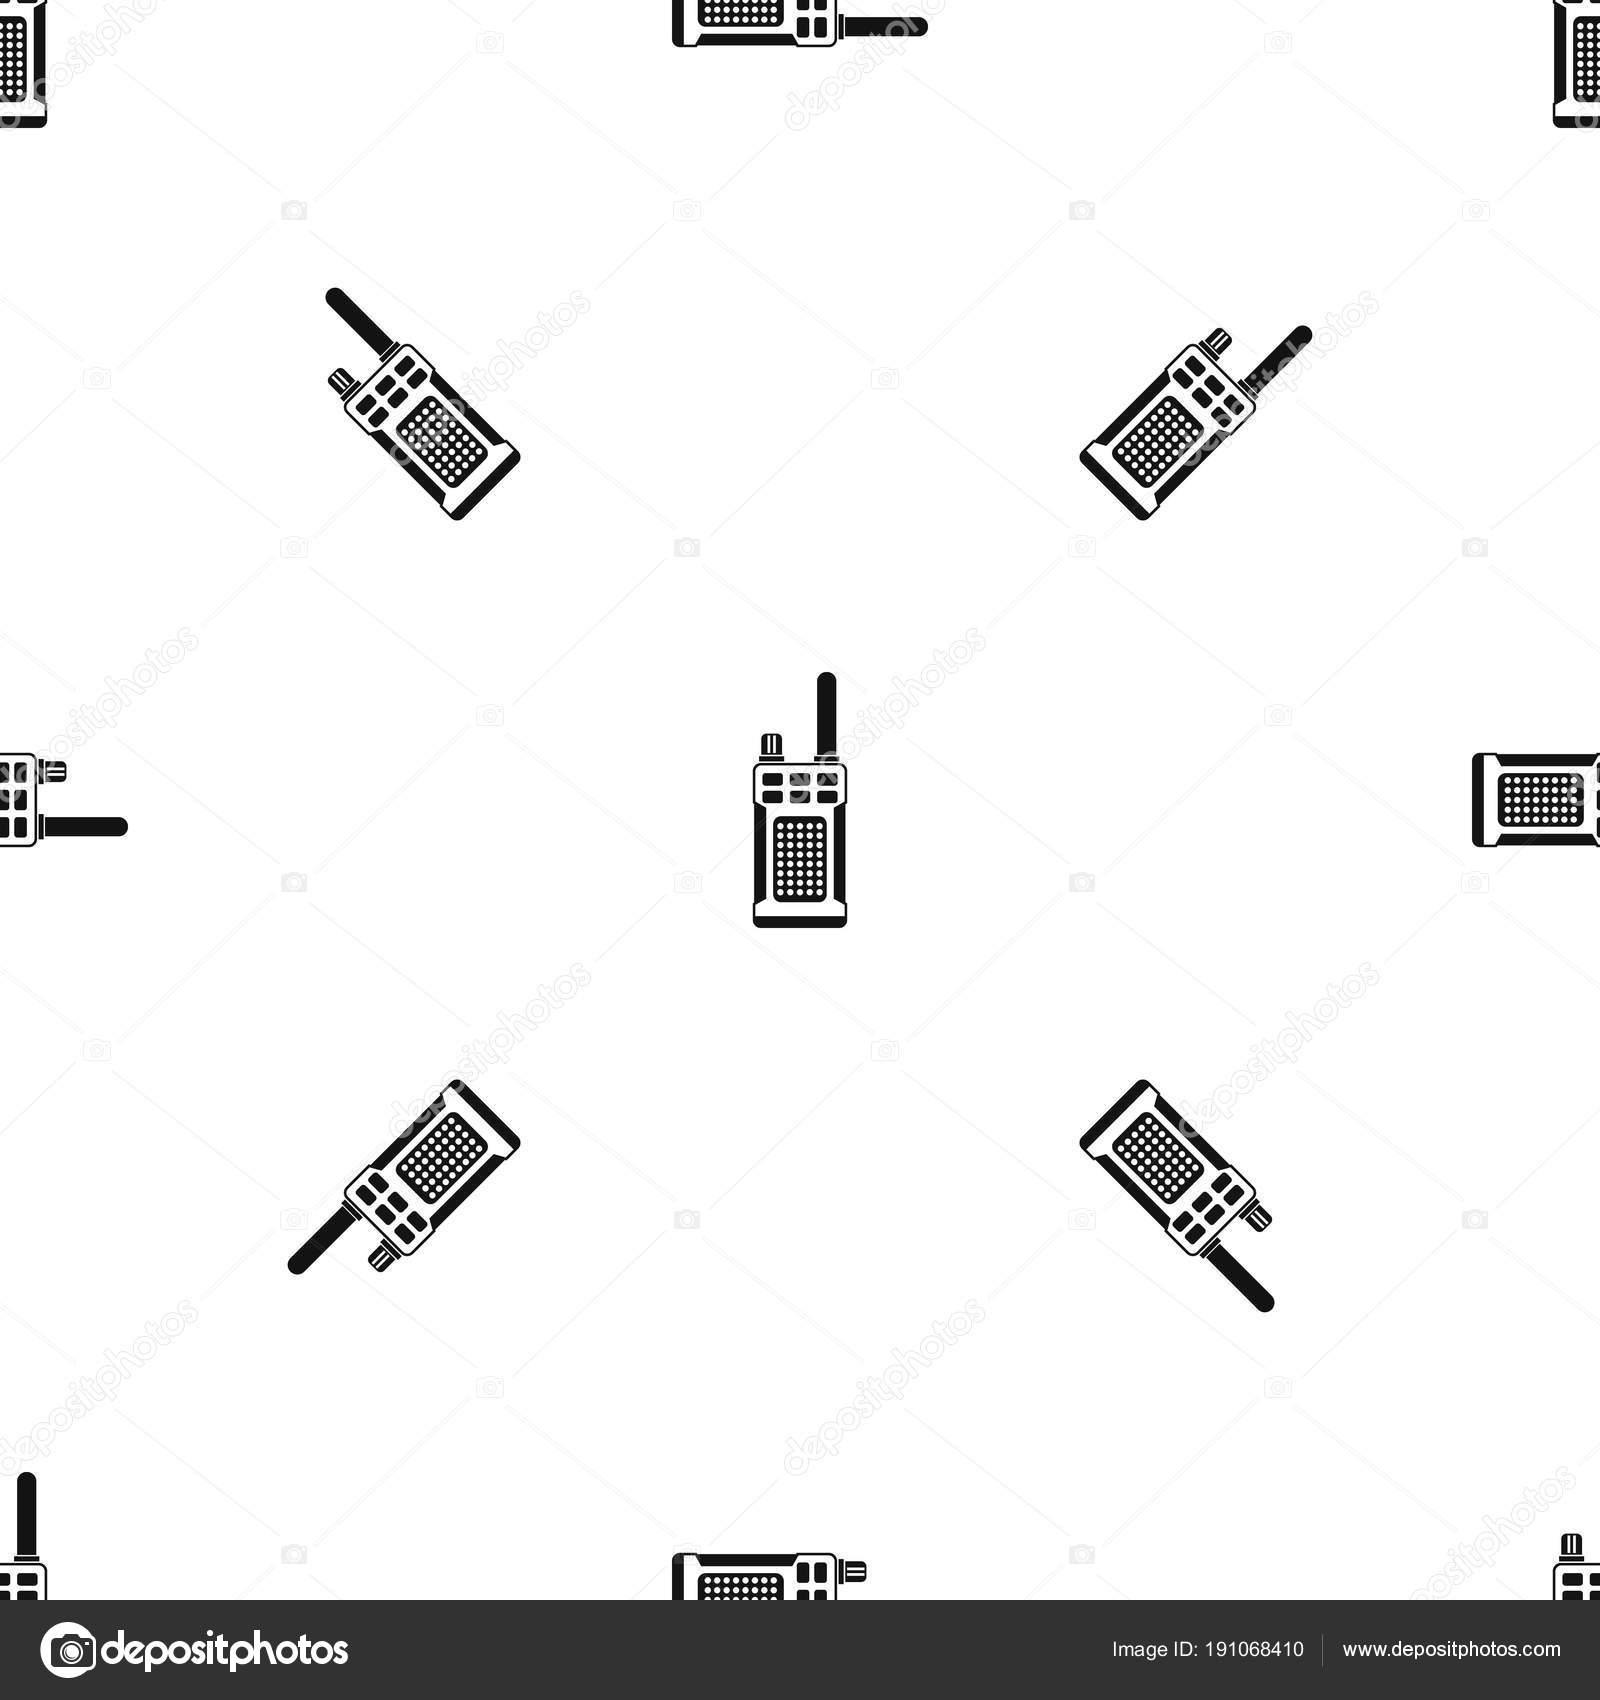 hight resolution of patr n de radio handheld portable repita transparente en color negro para cualquier dise o ilustraci n geom trica de vectores vector de ylivdesign